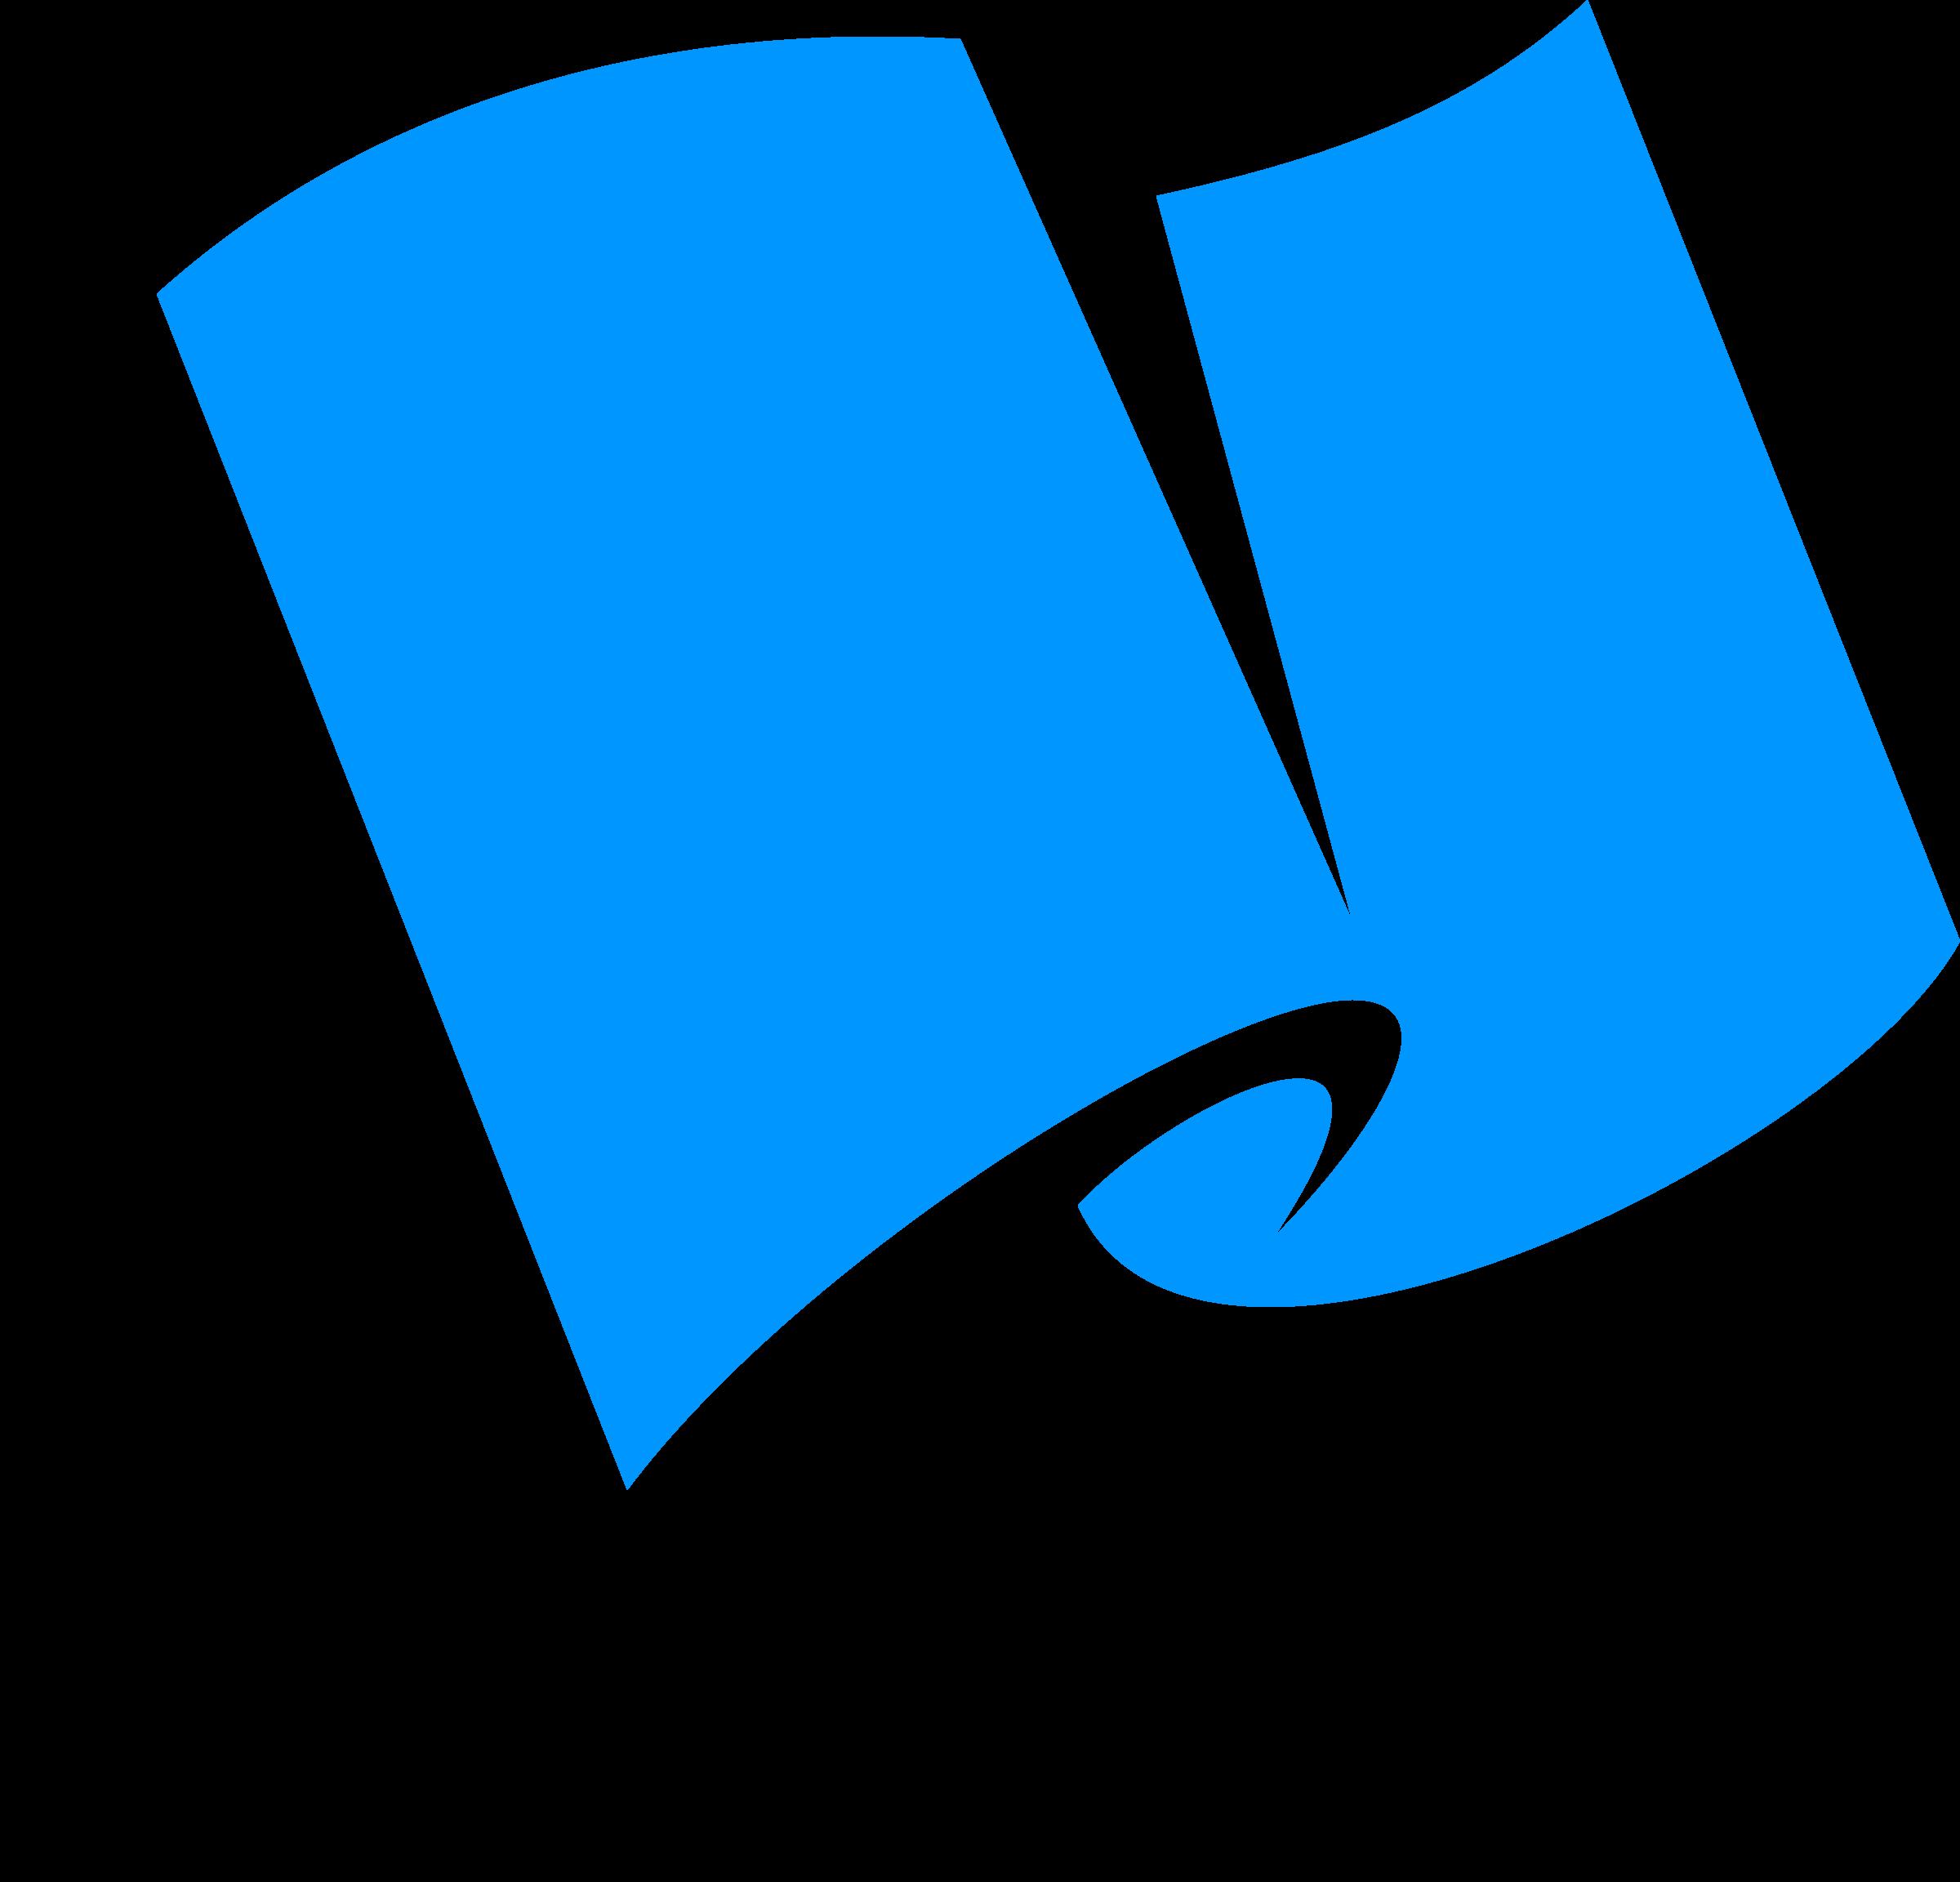 Race race flag